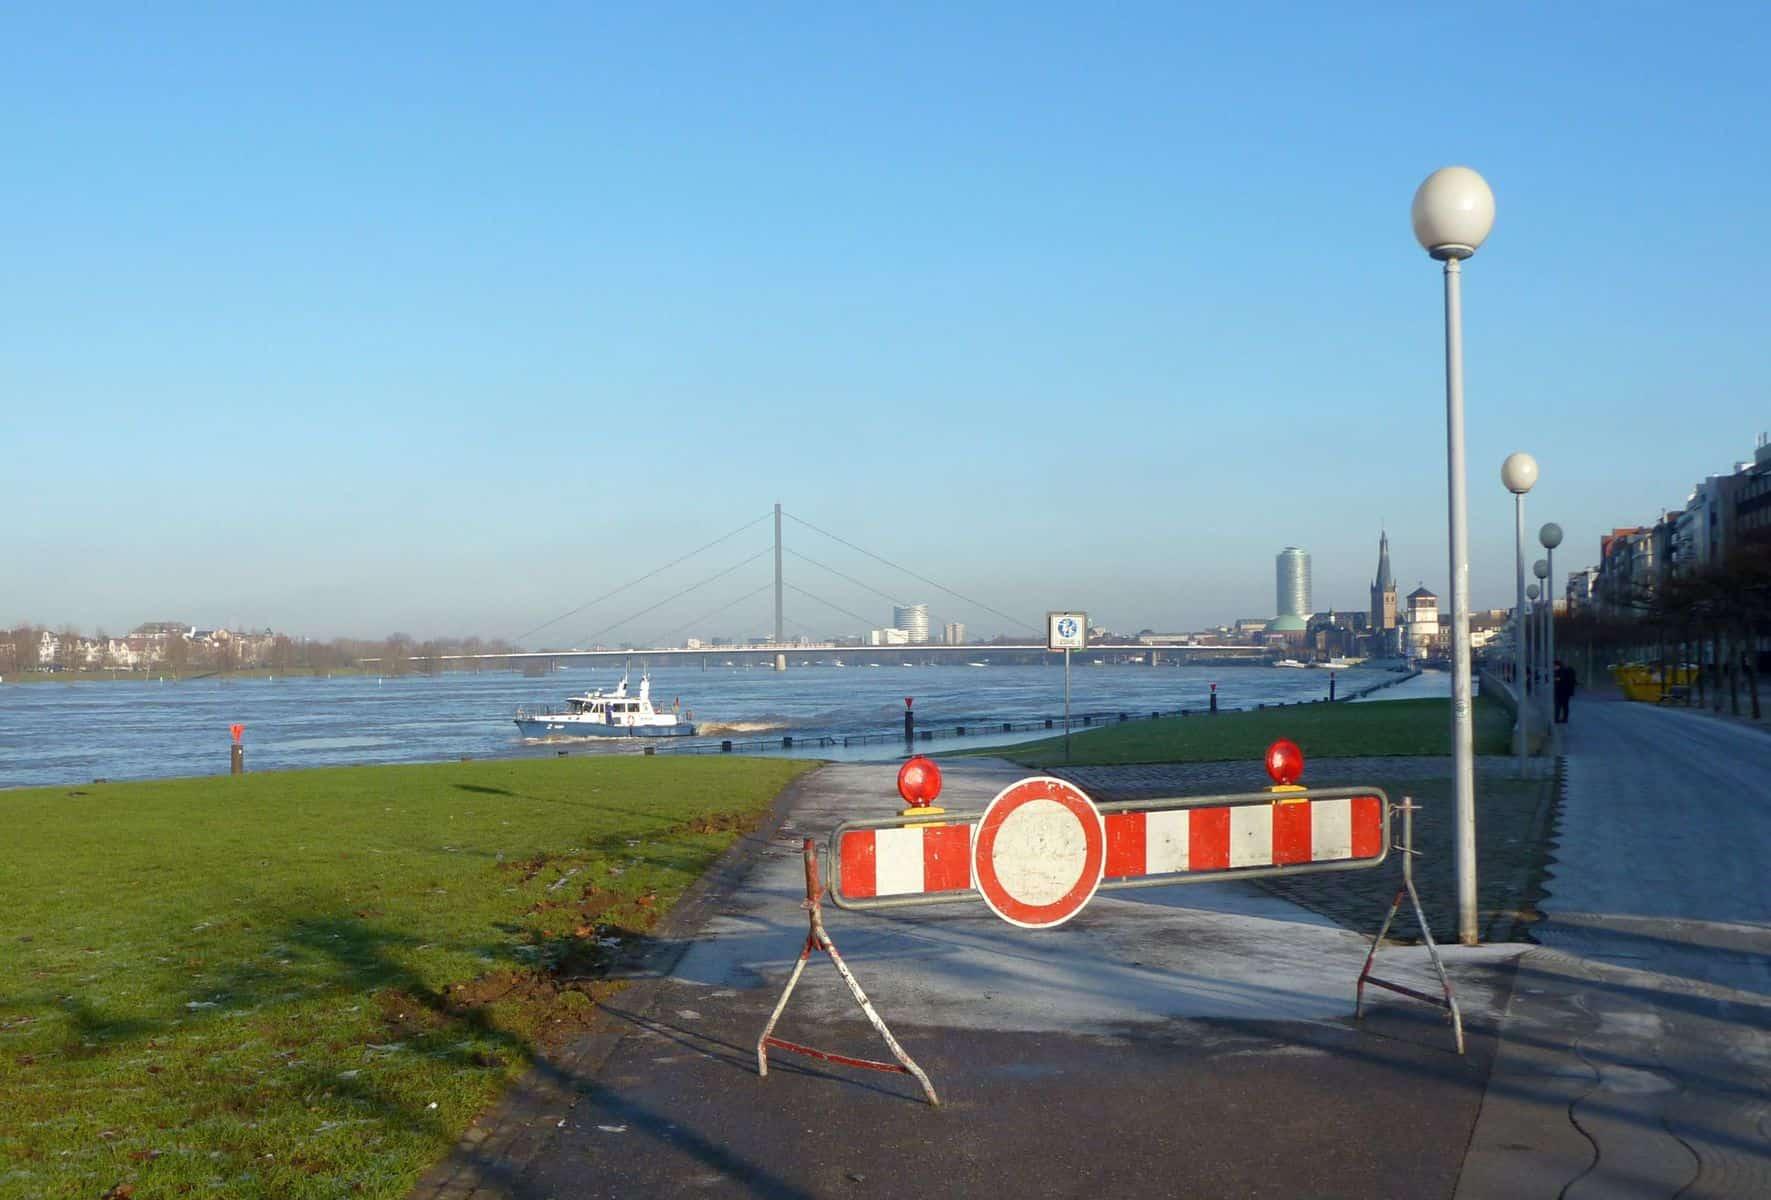 10.1.2011: Vorsichtshalber gesperrt (Foto: TD)